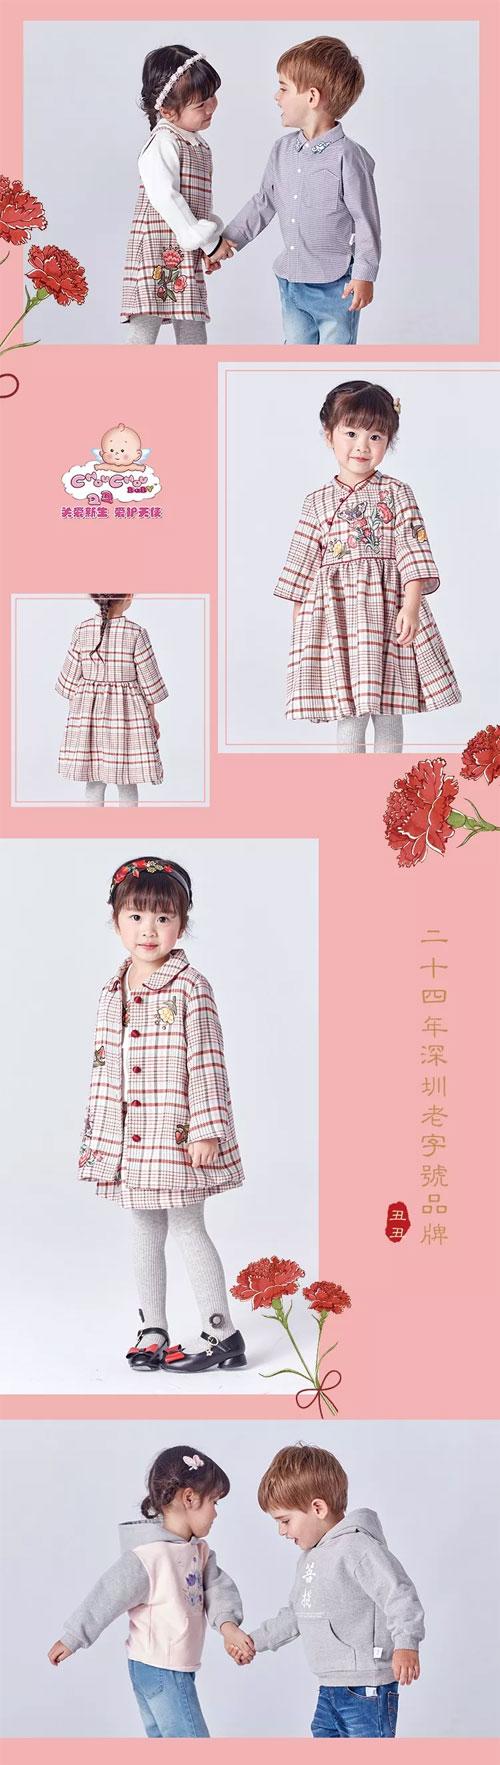 初秋・焕新 丑丑婴幼 惠州华贸新店开业!